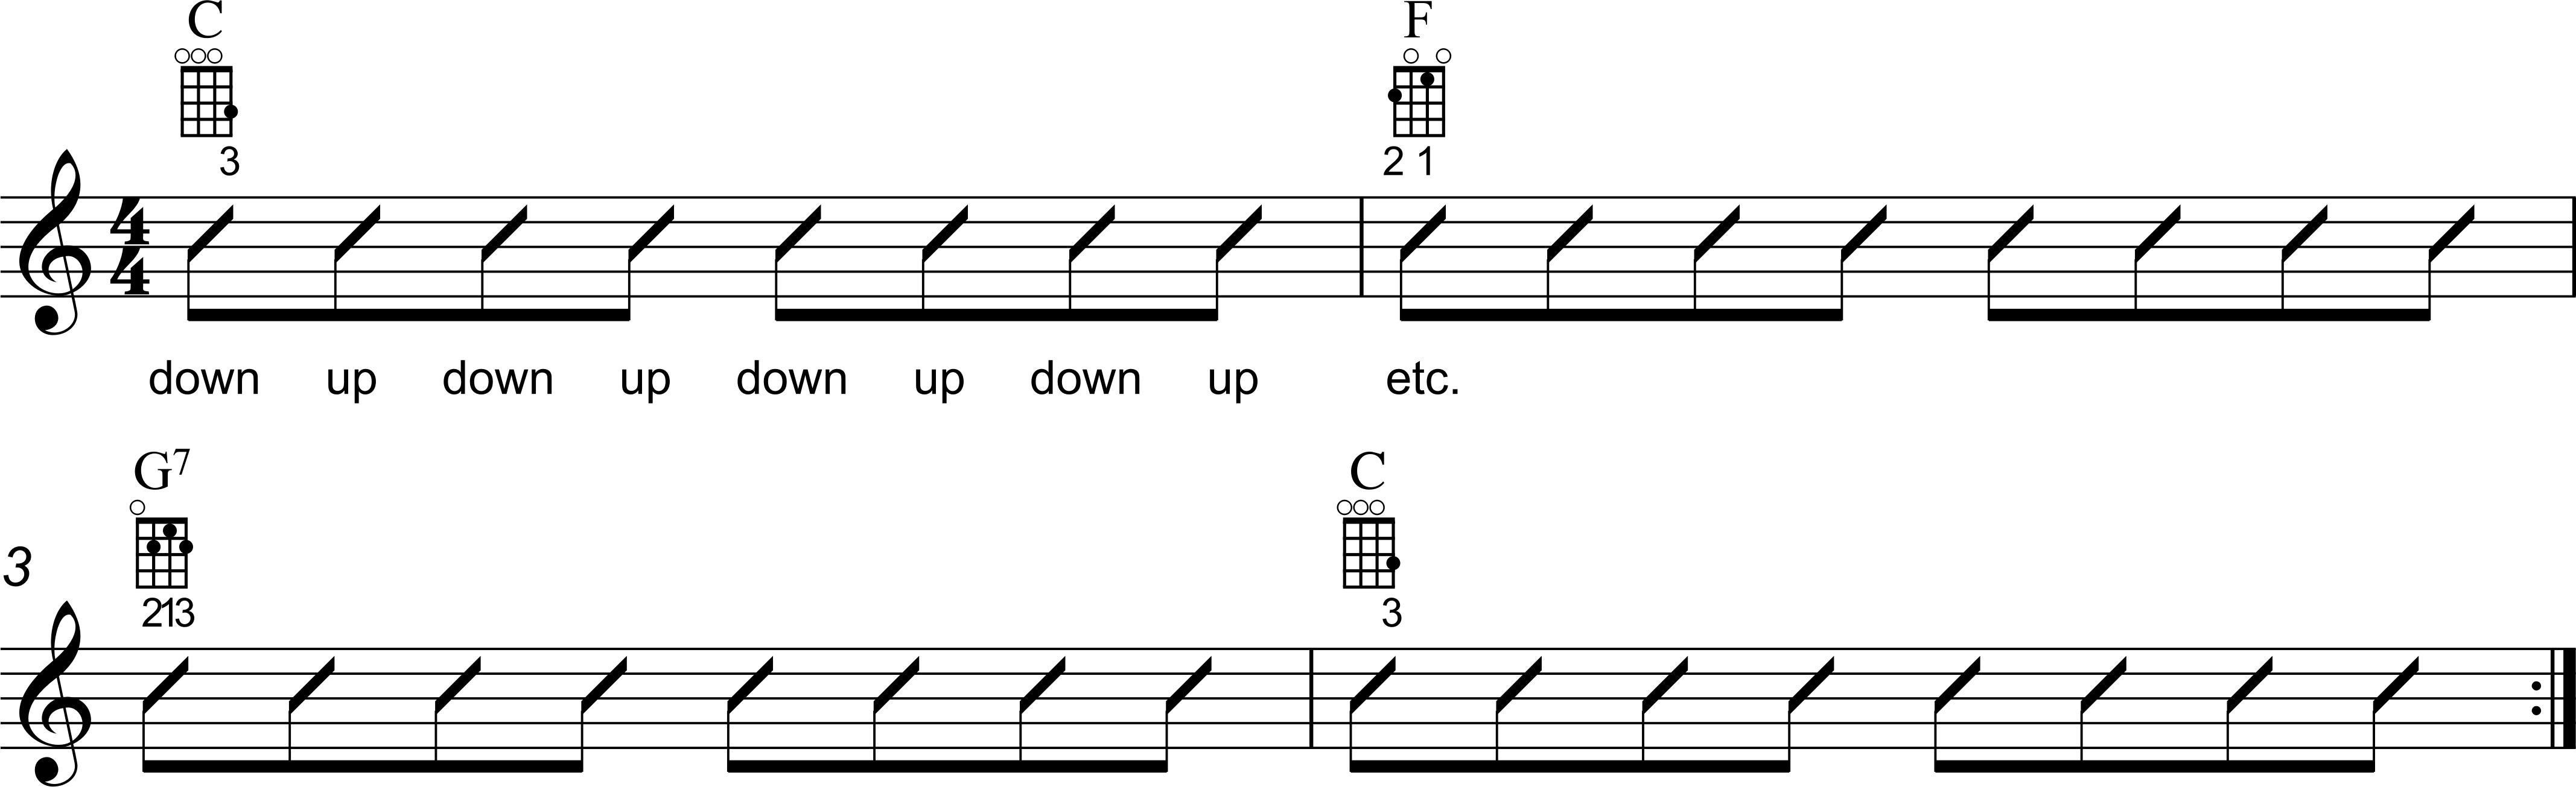 Chord Progression Exercise on Ukulele